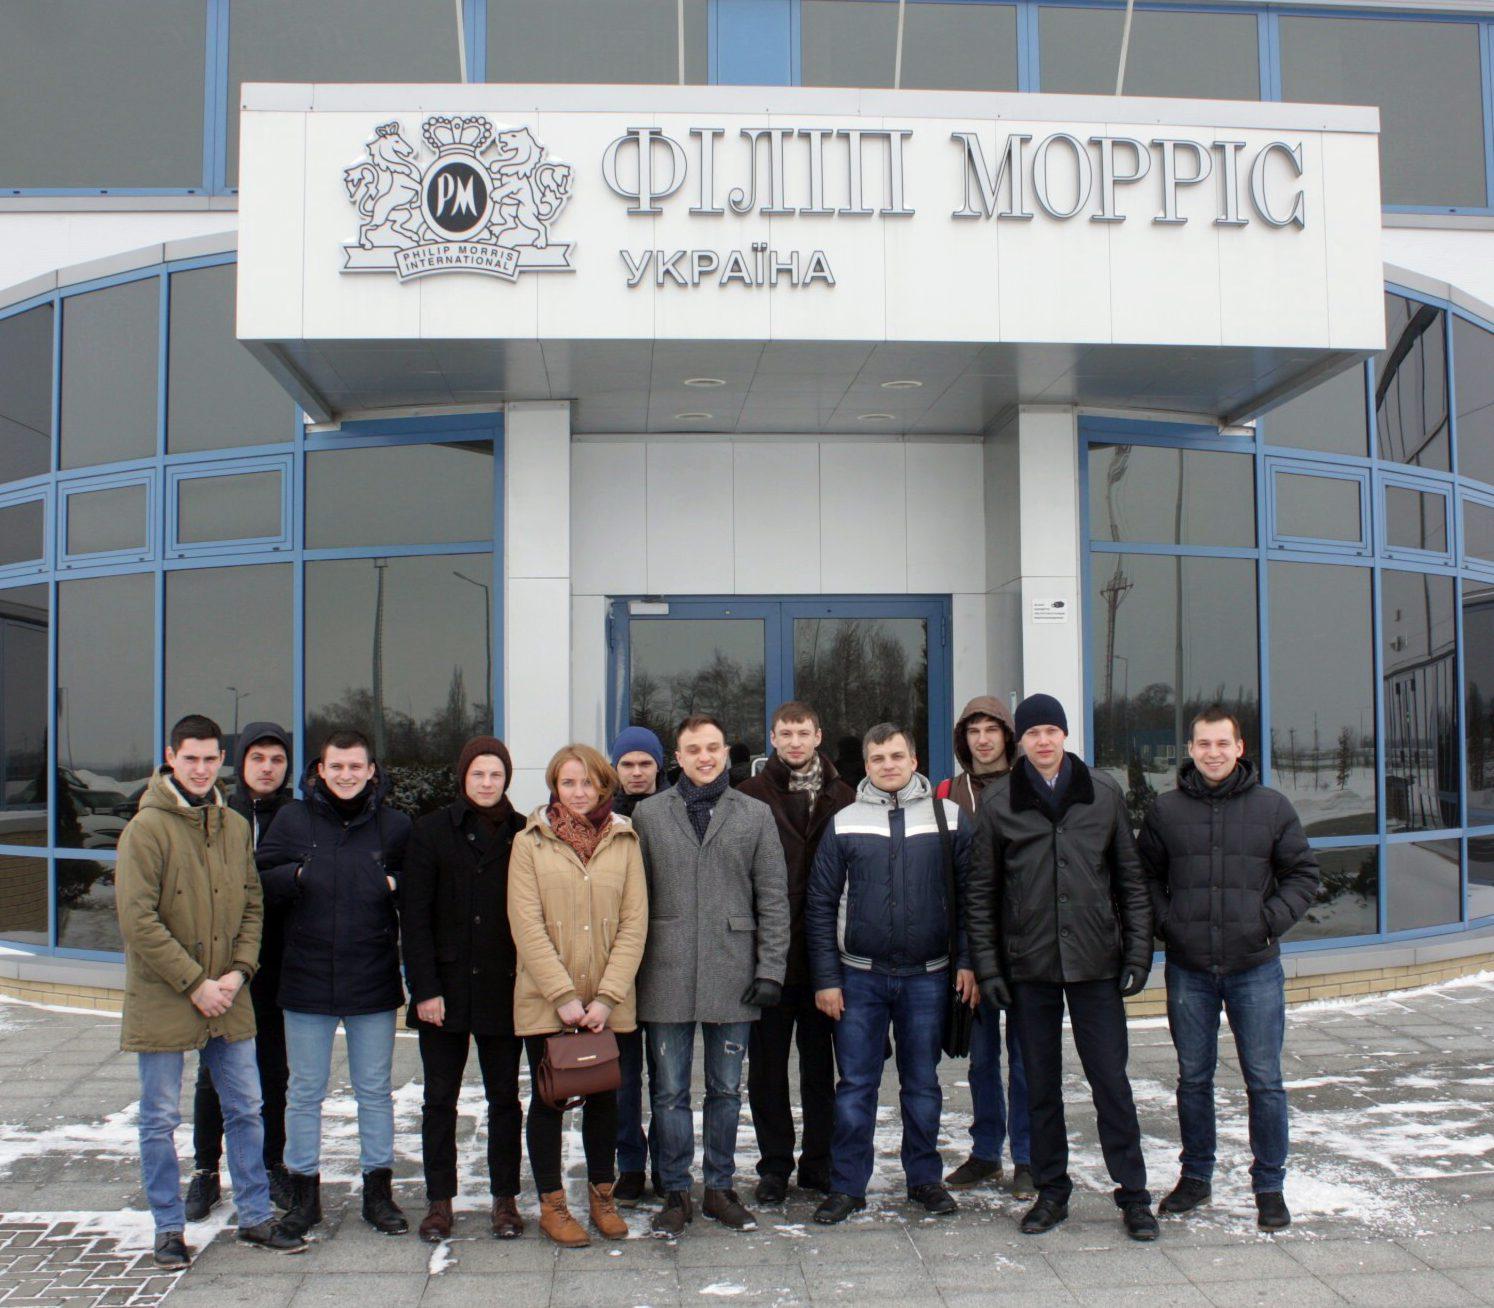 Виробнича екскурсія на «Філіп Морріс Україна»